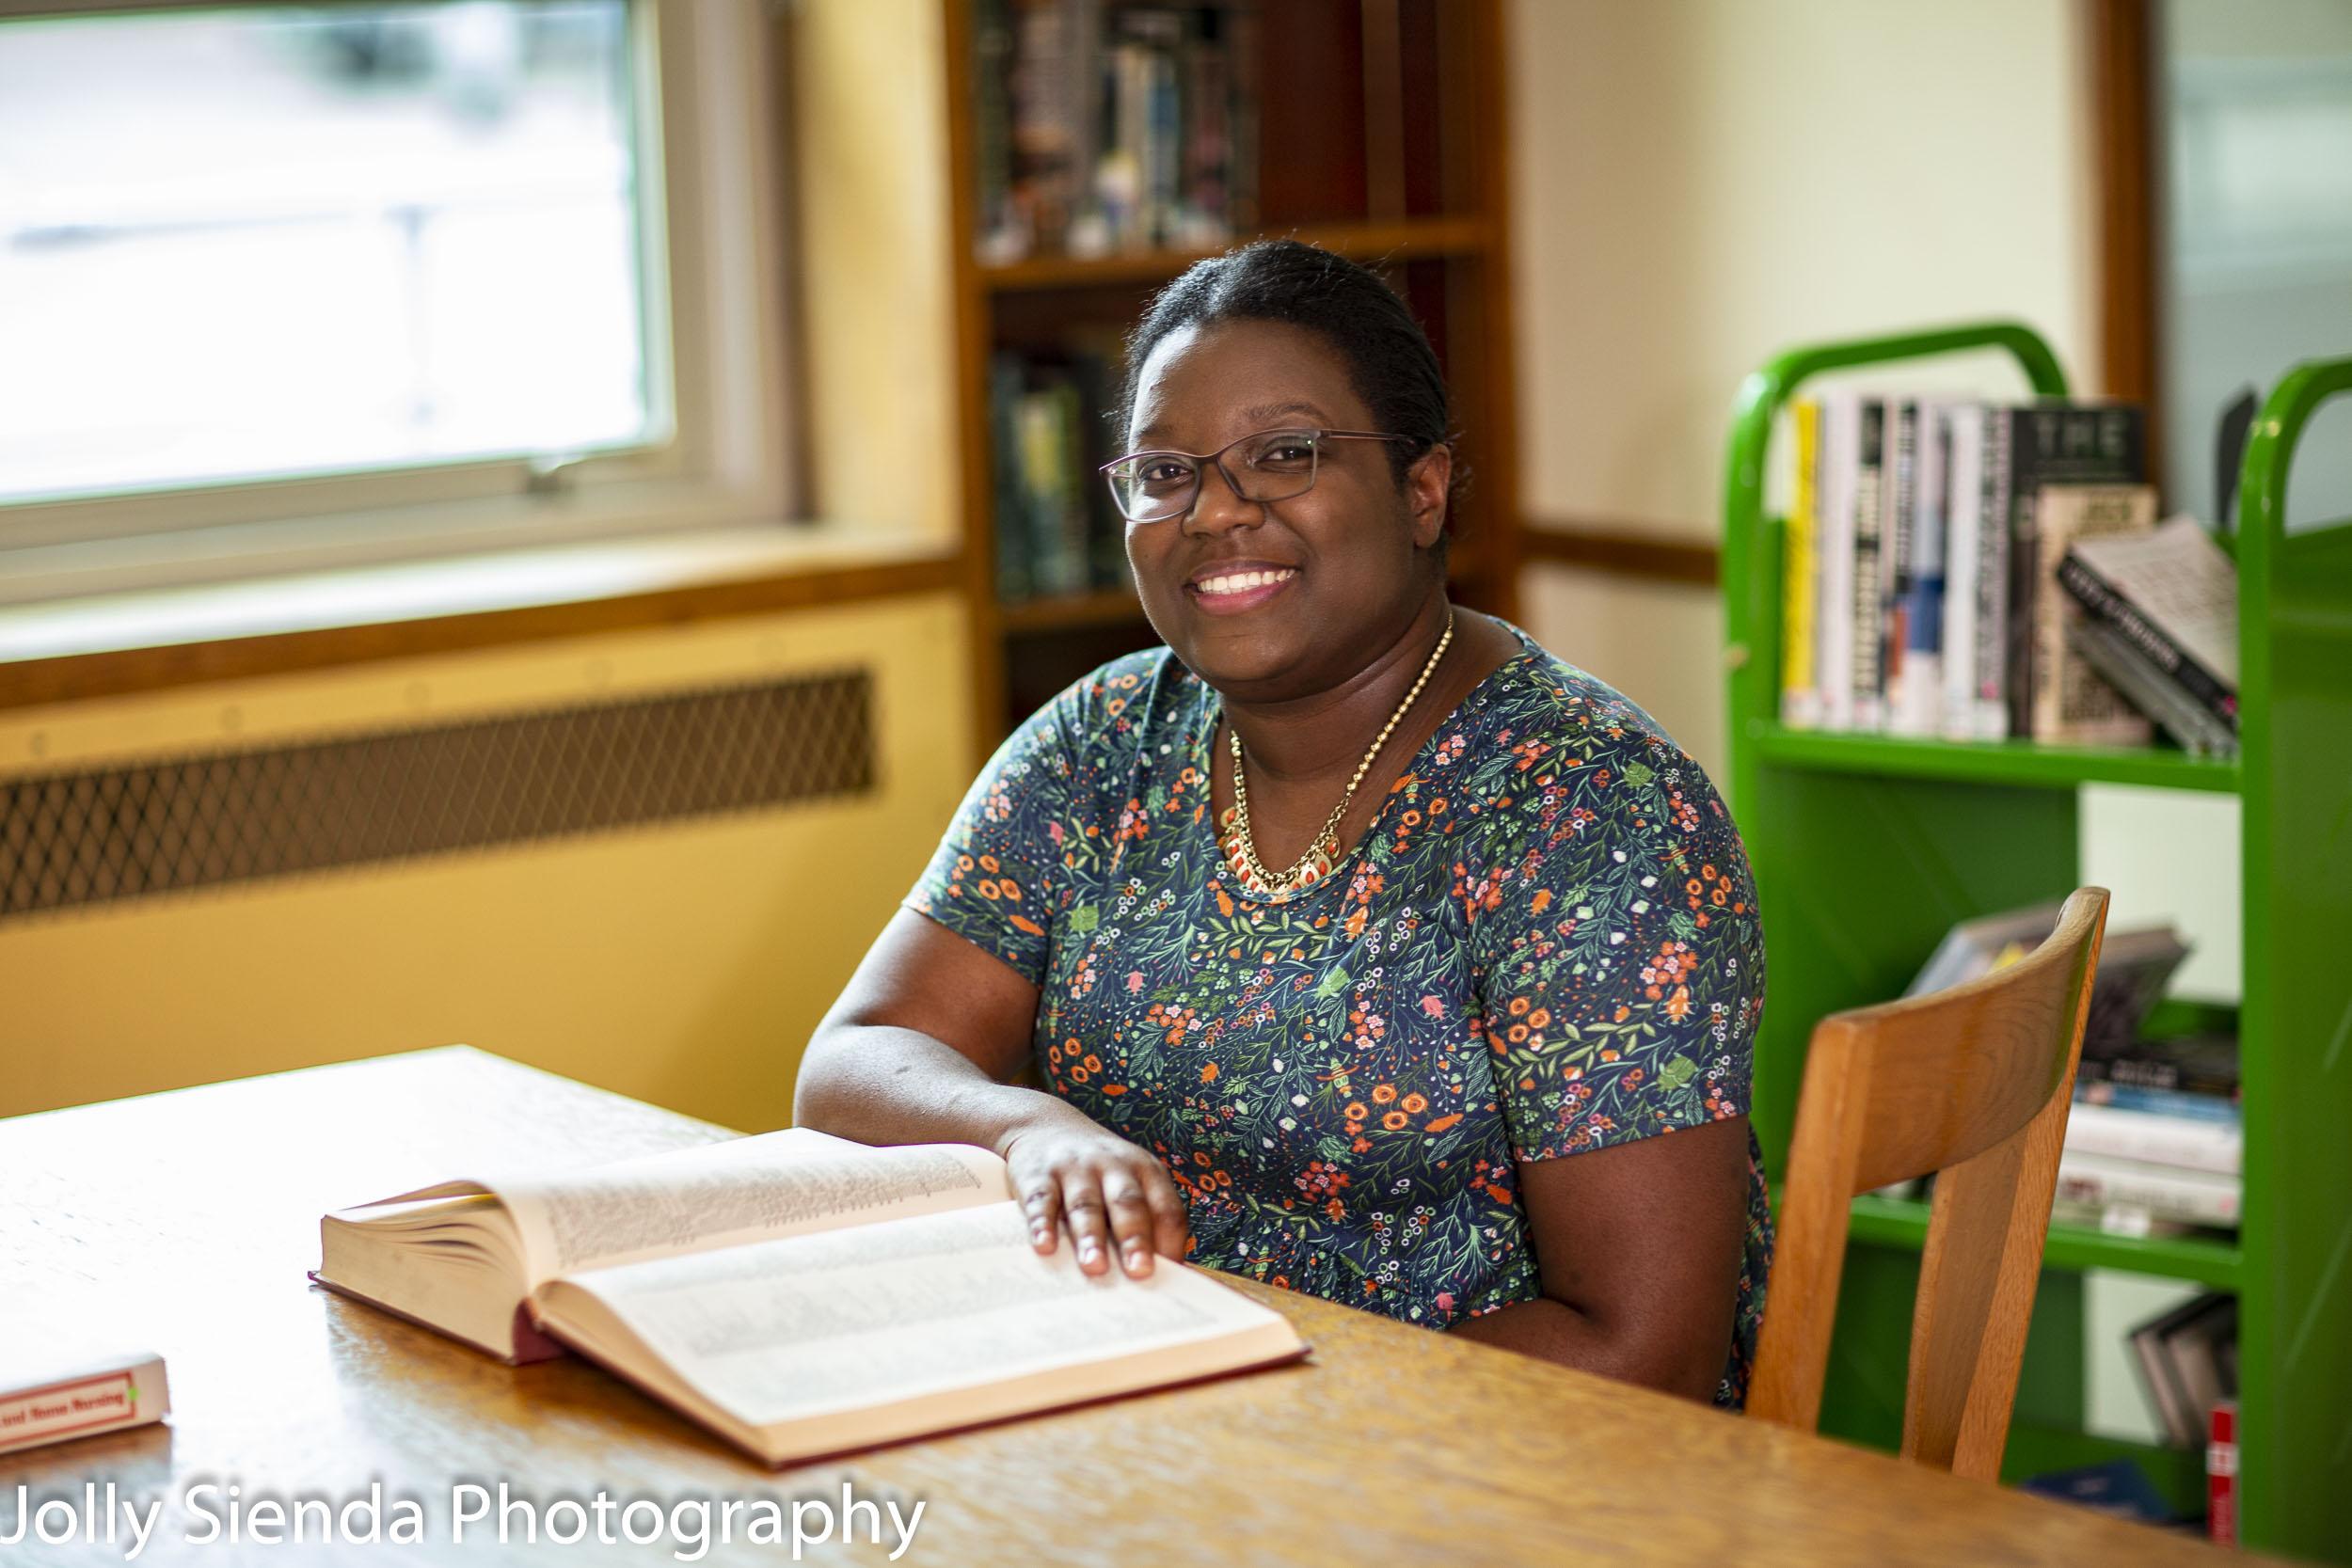 Kaneesha Roarke, environmental portrait photography session